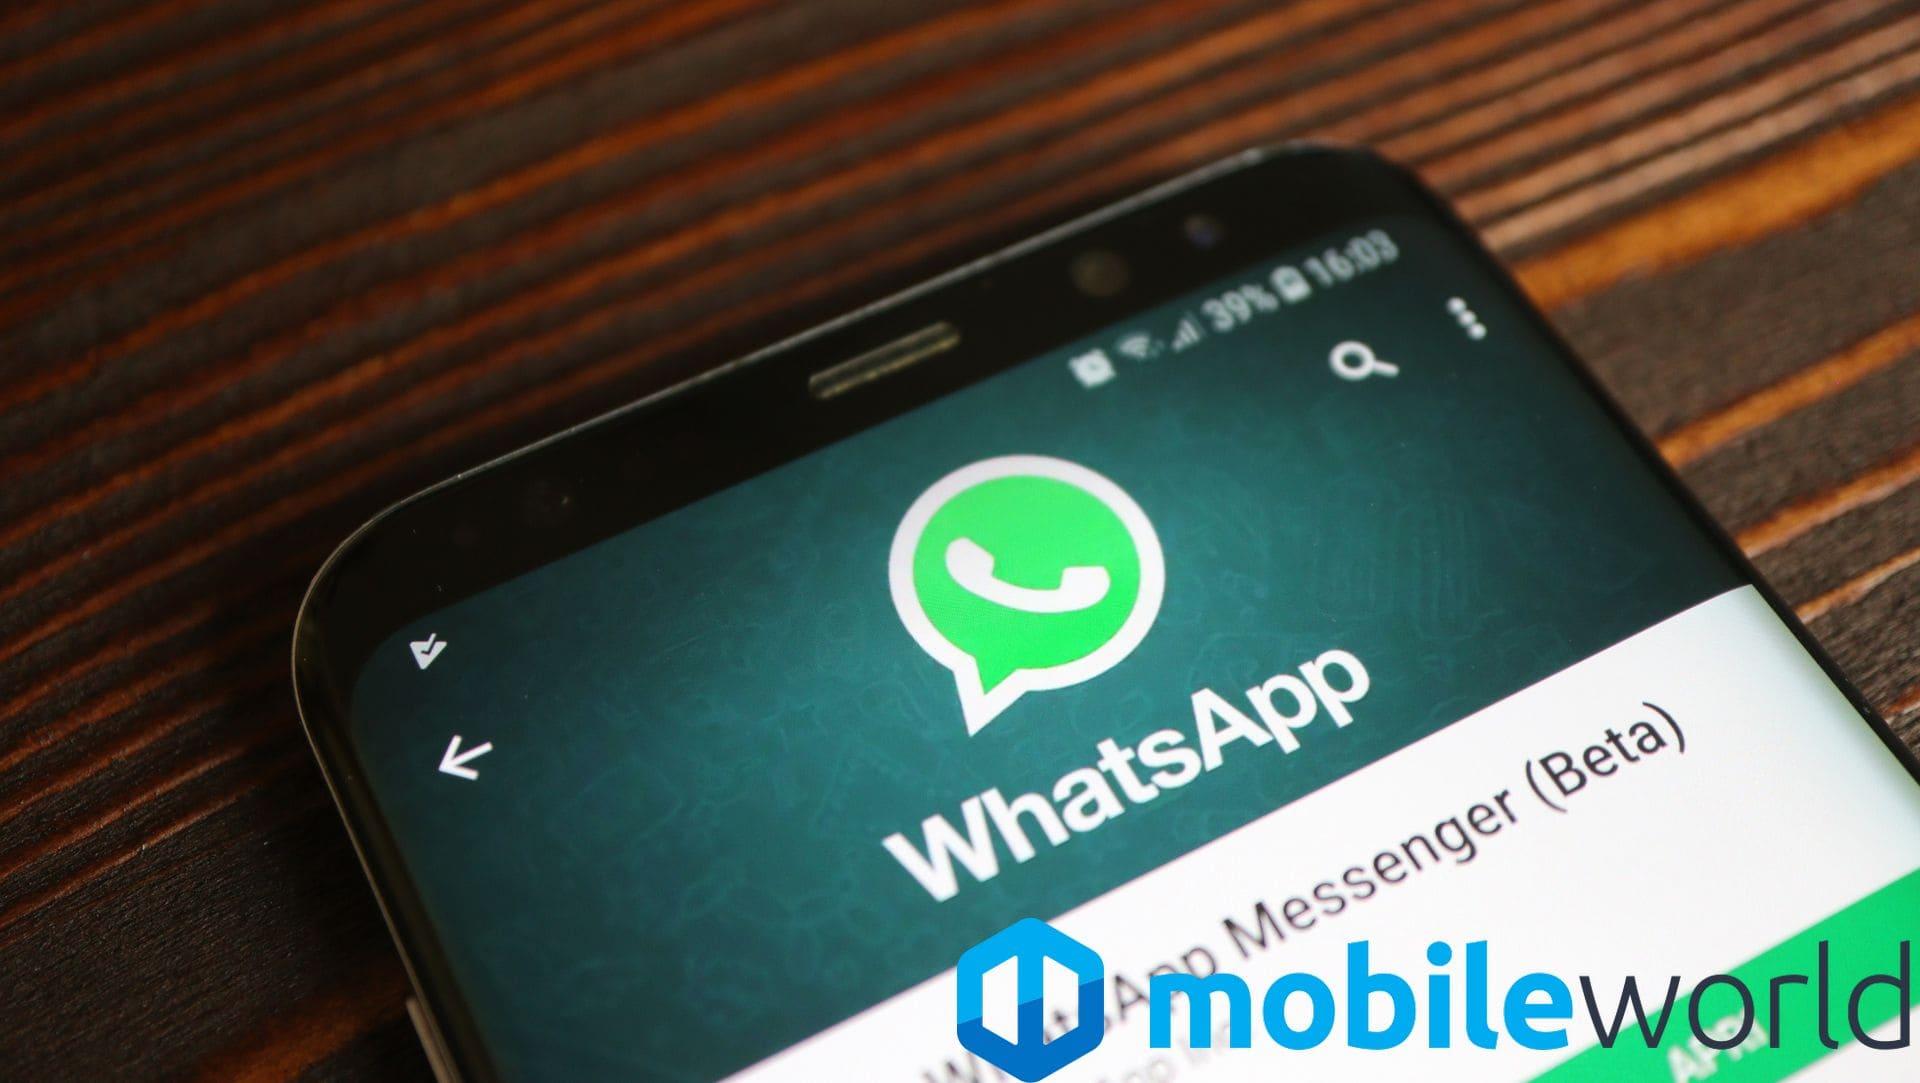 WhatsApp Beta: anche su Android arrivano i codici QR! (foto)